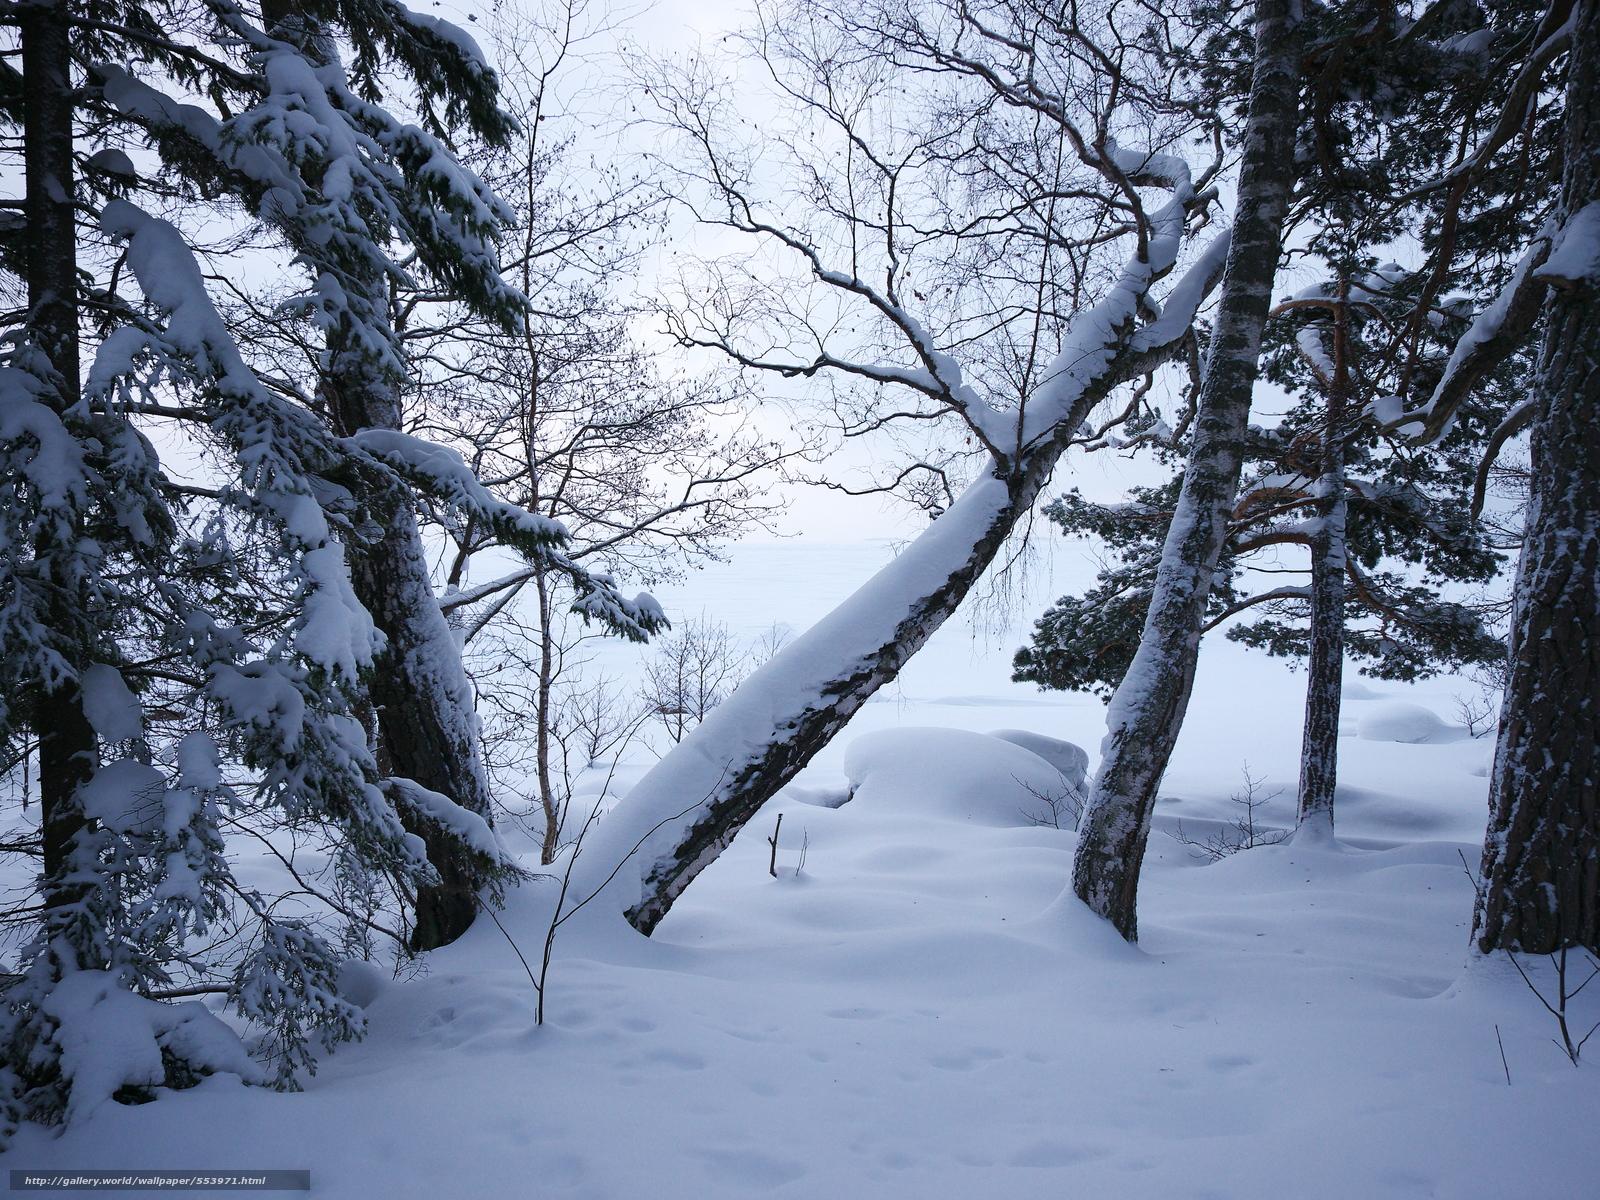 Tlcharger Fond d'ecran hiver,  arbres,  nature Fonds d'ecran gratuits pour votre rsolution du bureau 4608x3456 — image №553971